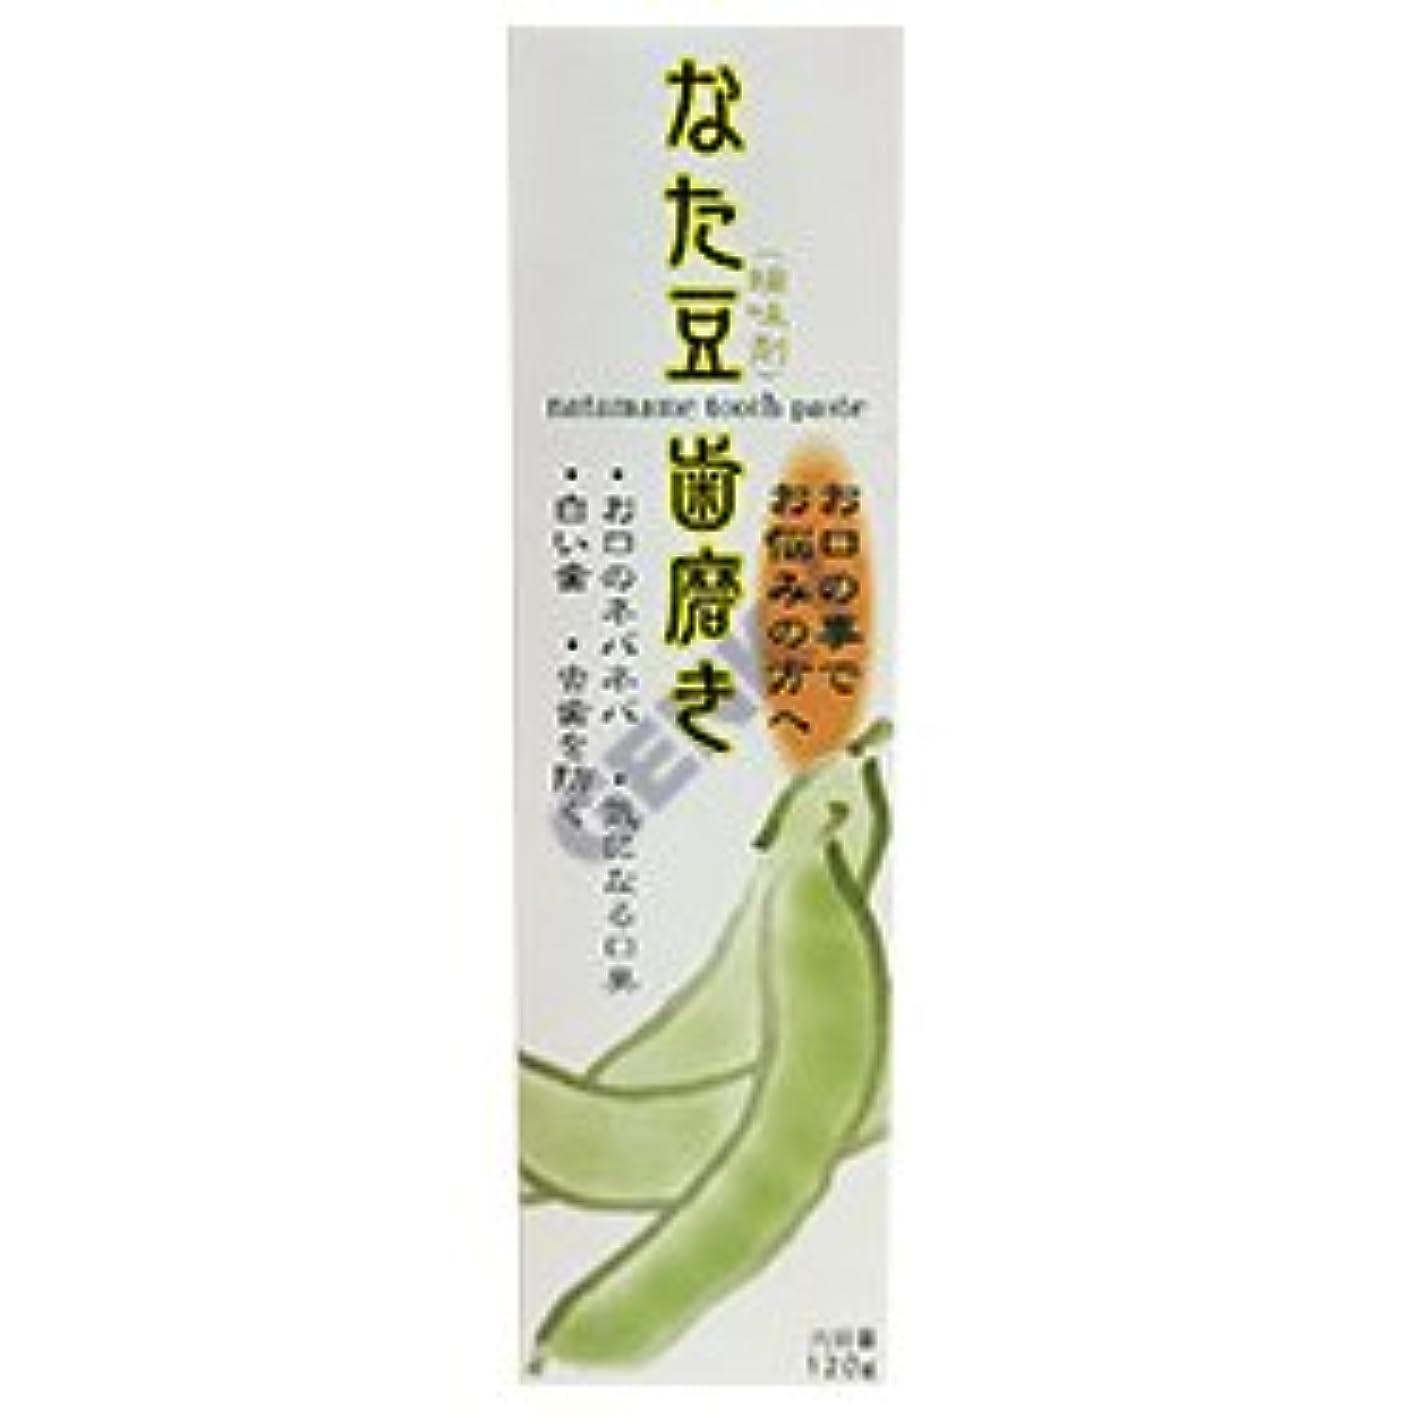 通知ボランティアこどもの日【モルゲンロート】なた豆歯磨き 120g ×5個セット